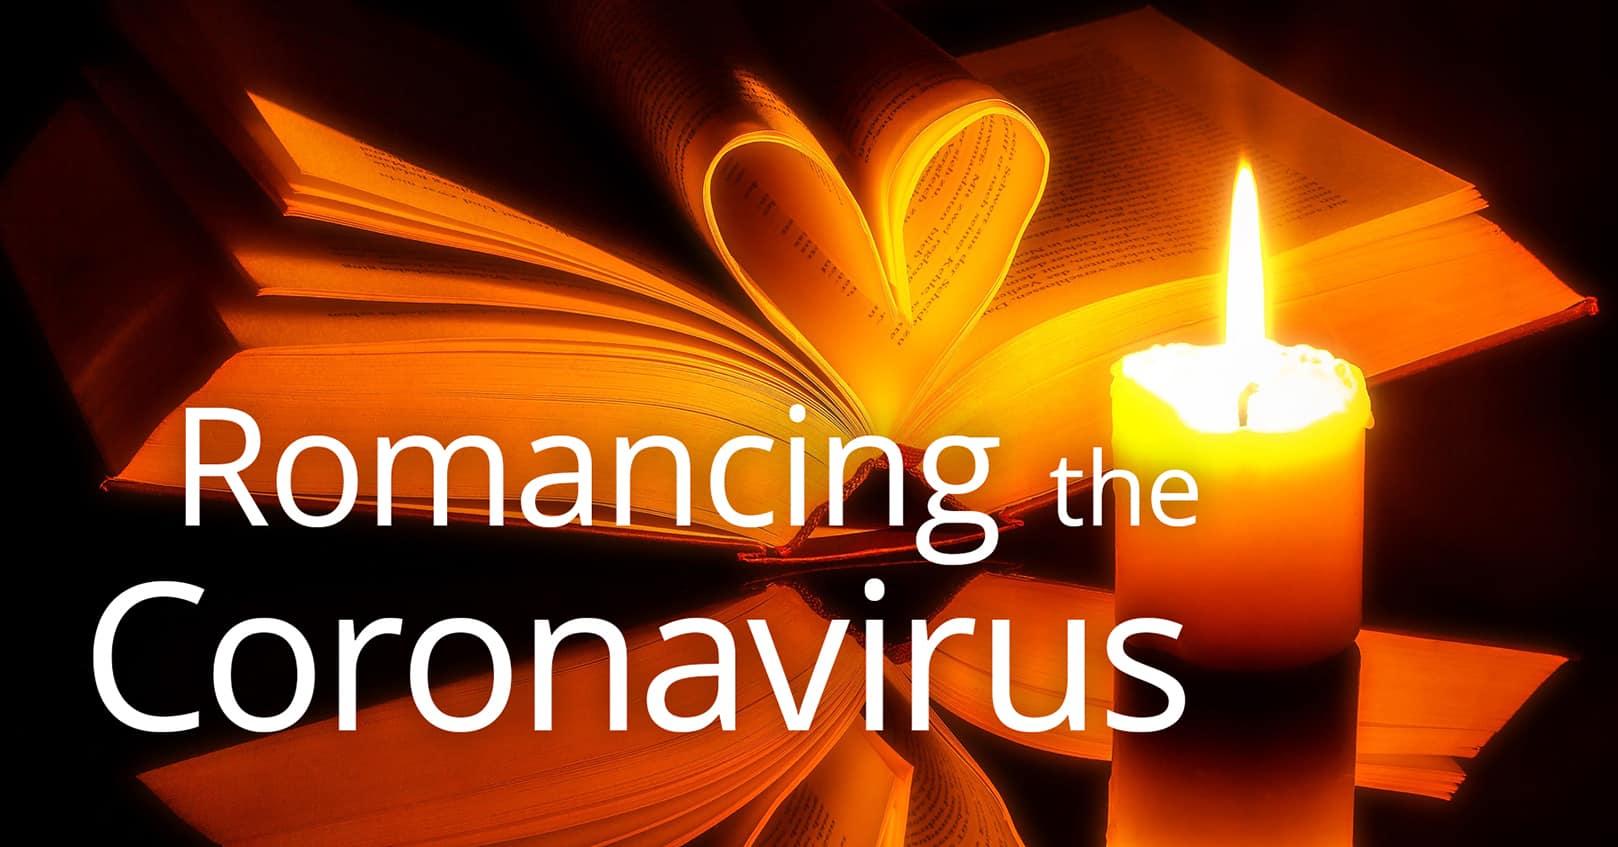 romancing the coronavirus